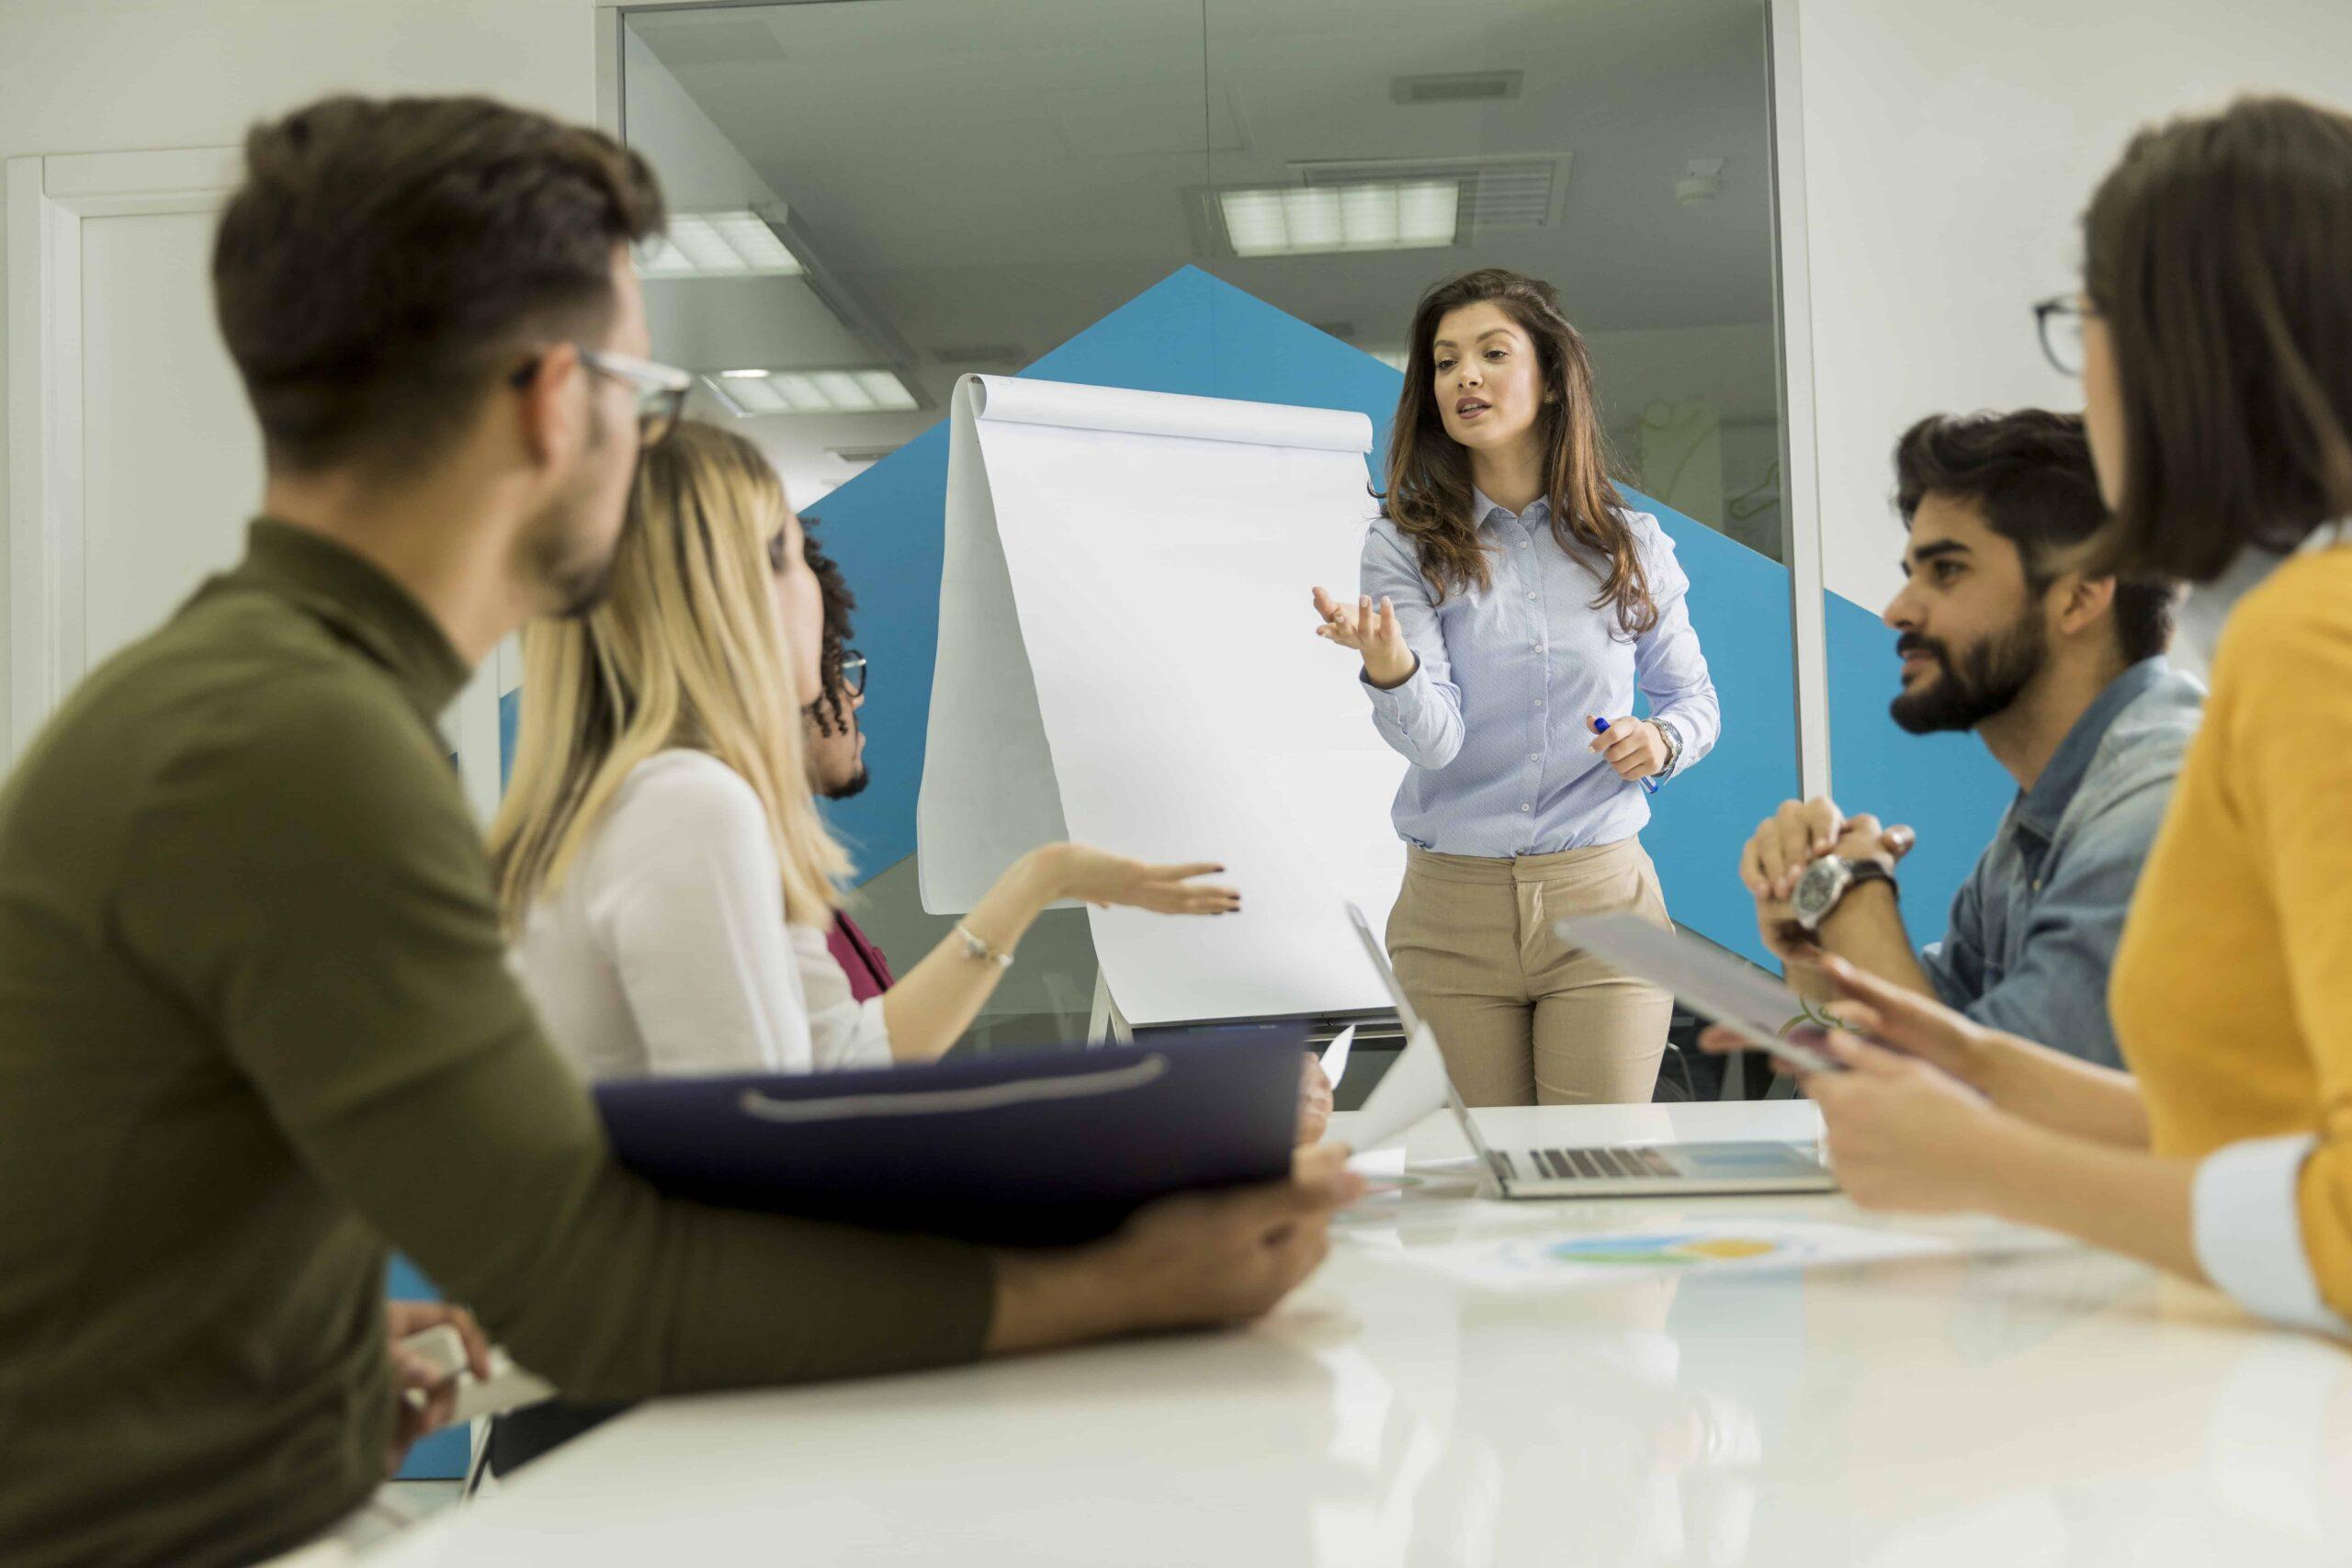 Mocne pytania coachingowe w pracy z Klientem przykłady